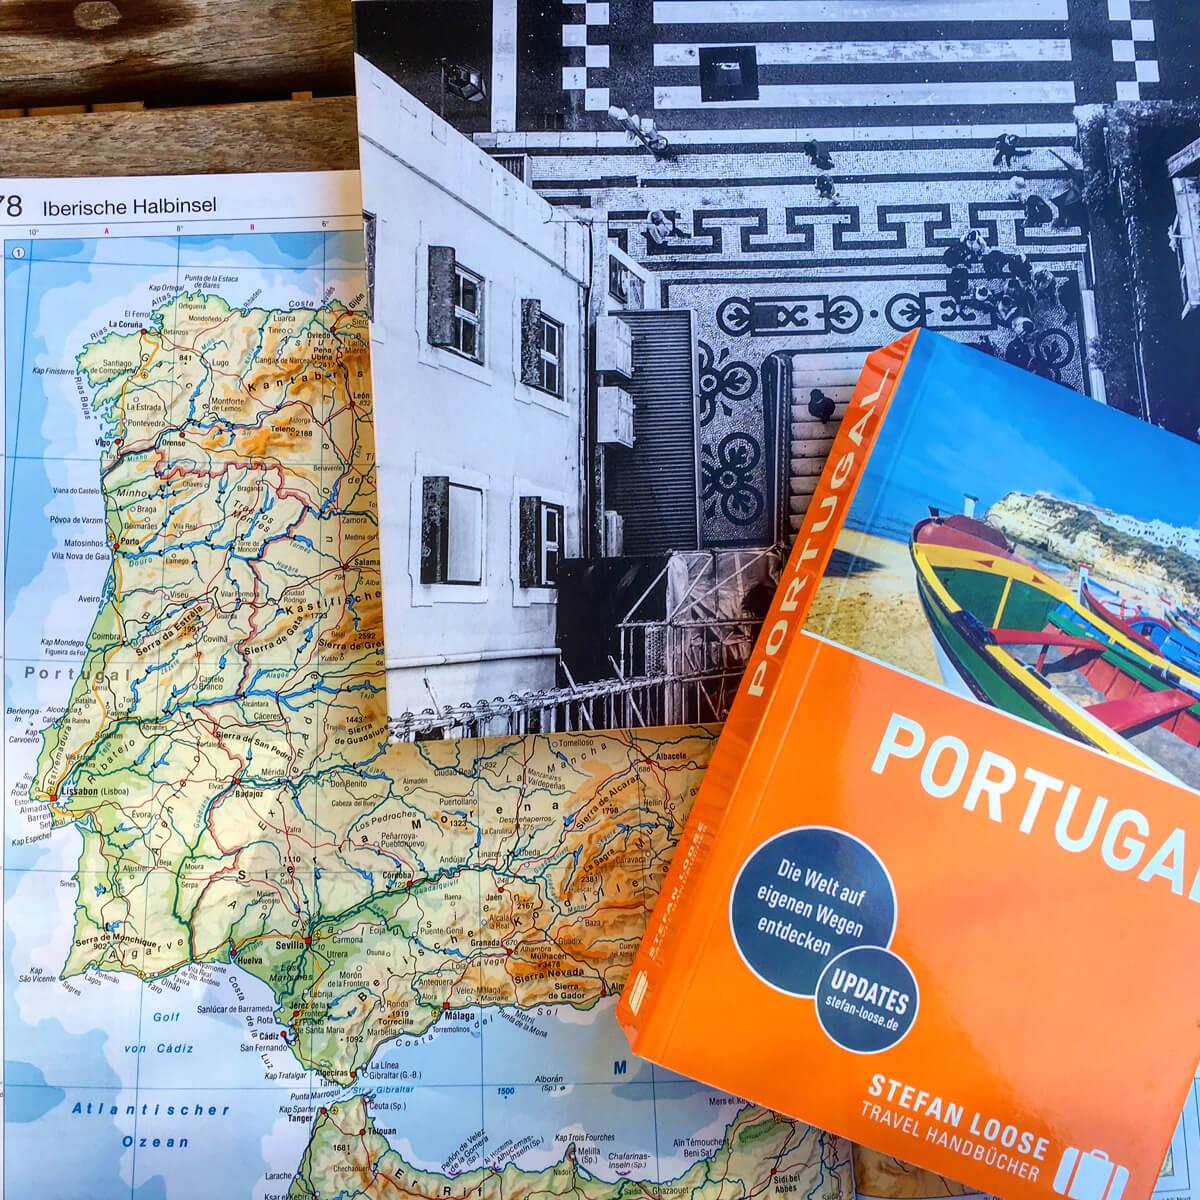 Portugal – wir kommen!